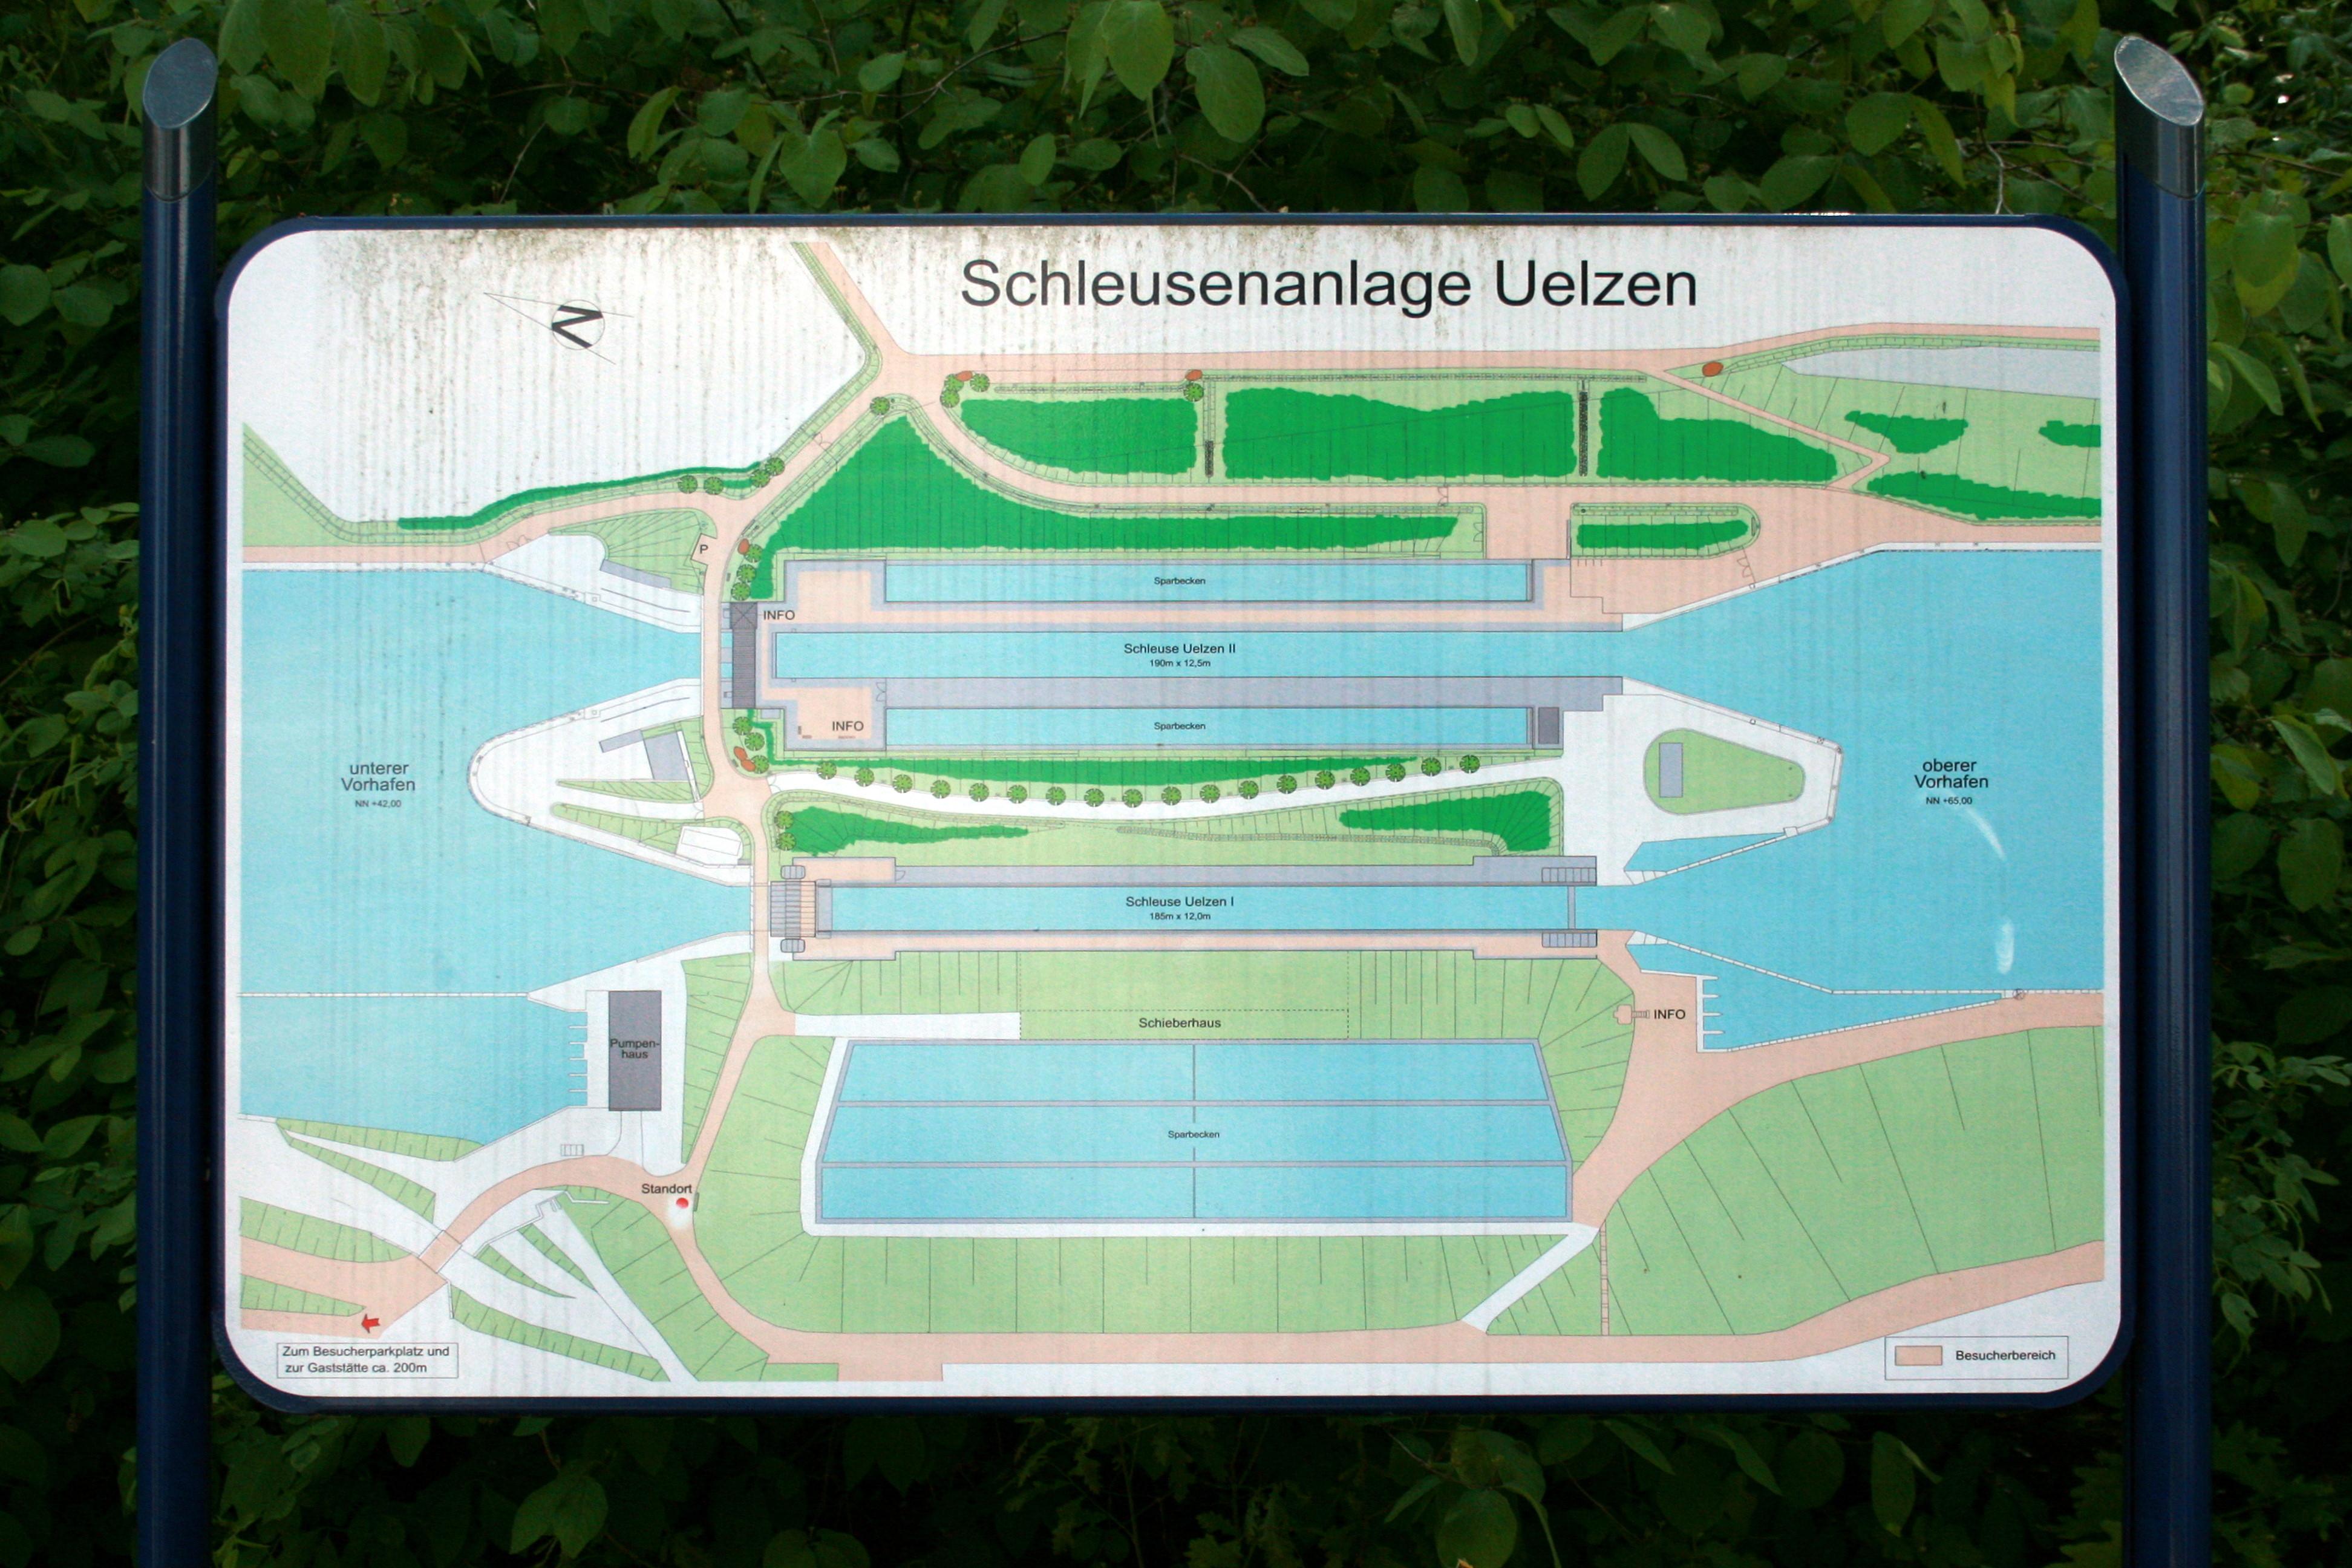 Wrestedt_-_Schleuse_Uelzen_02_ies.jpg